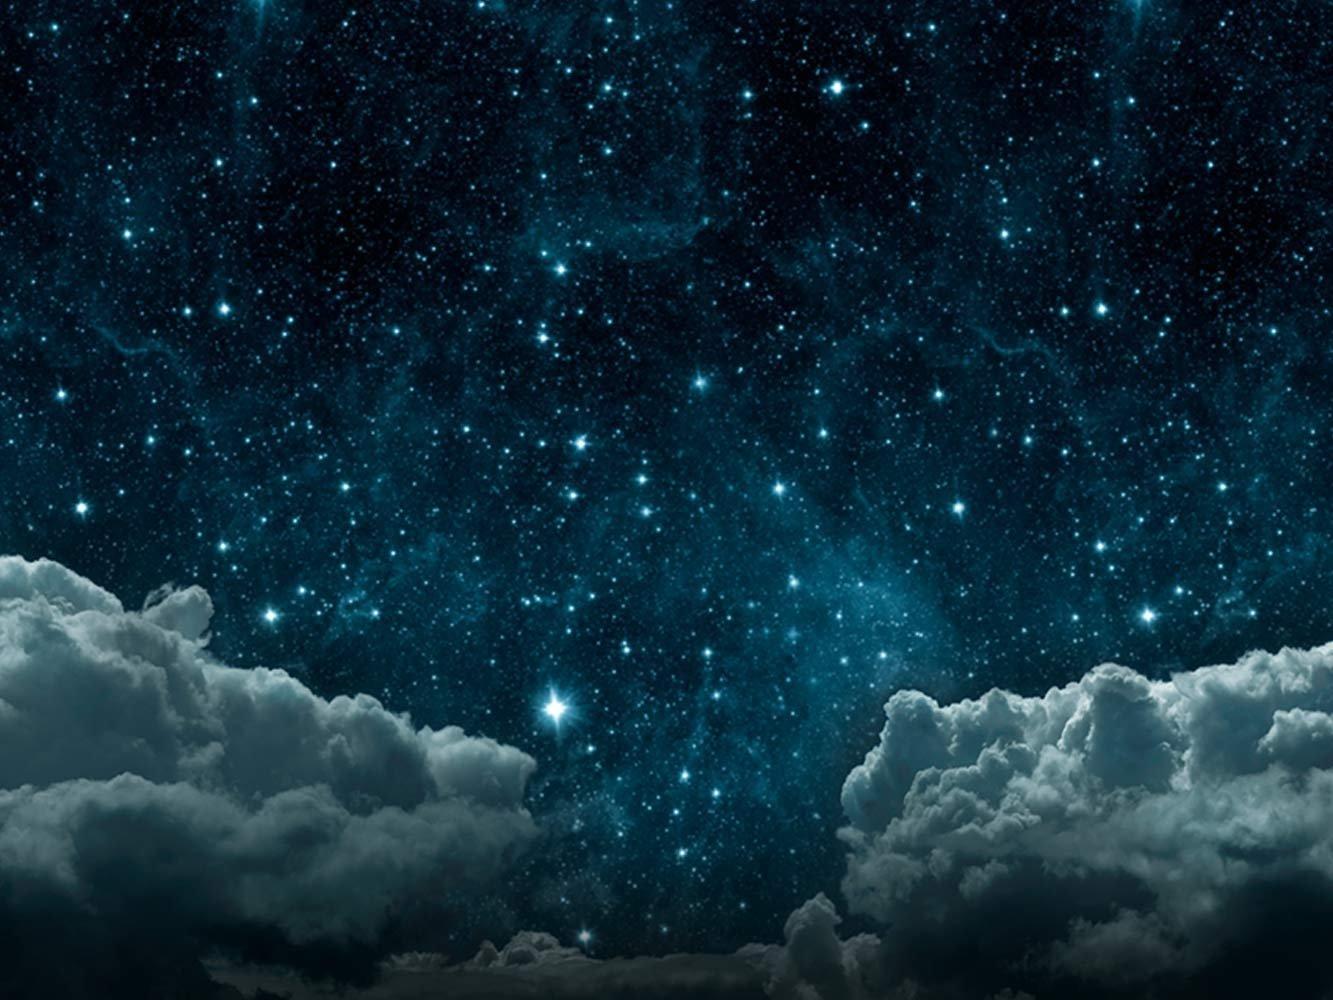 Fond de Sc/ène Th/éatre Toile de Fond La Route Nuit /Étoil/ée avec des Nuage Etoile Espace Le Noir Sur B/âche de 500 gr de 400x300 cm La B/âche Est Livr/ée Enroul/é Pour Eviter Les plis D/écoration de